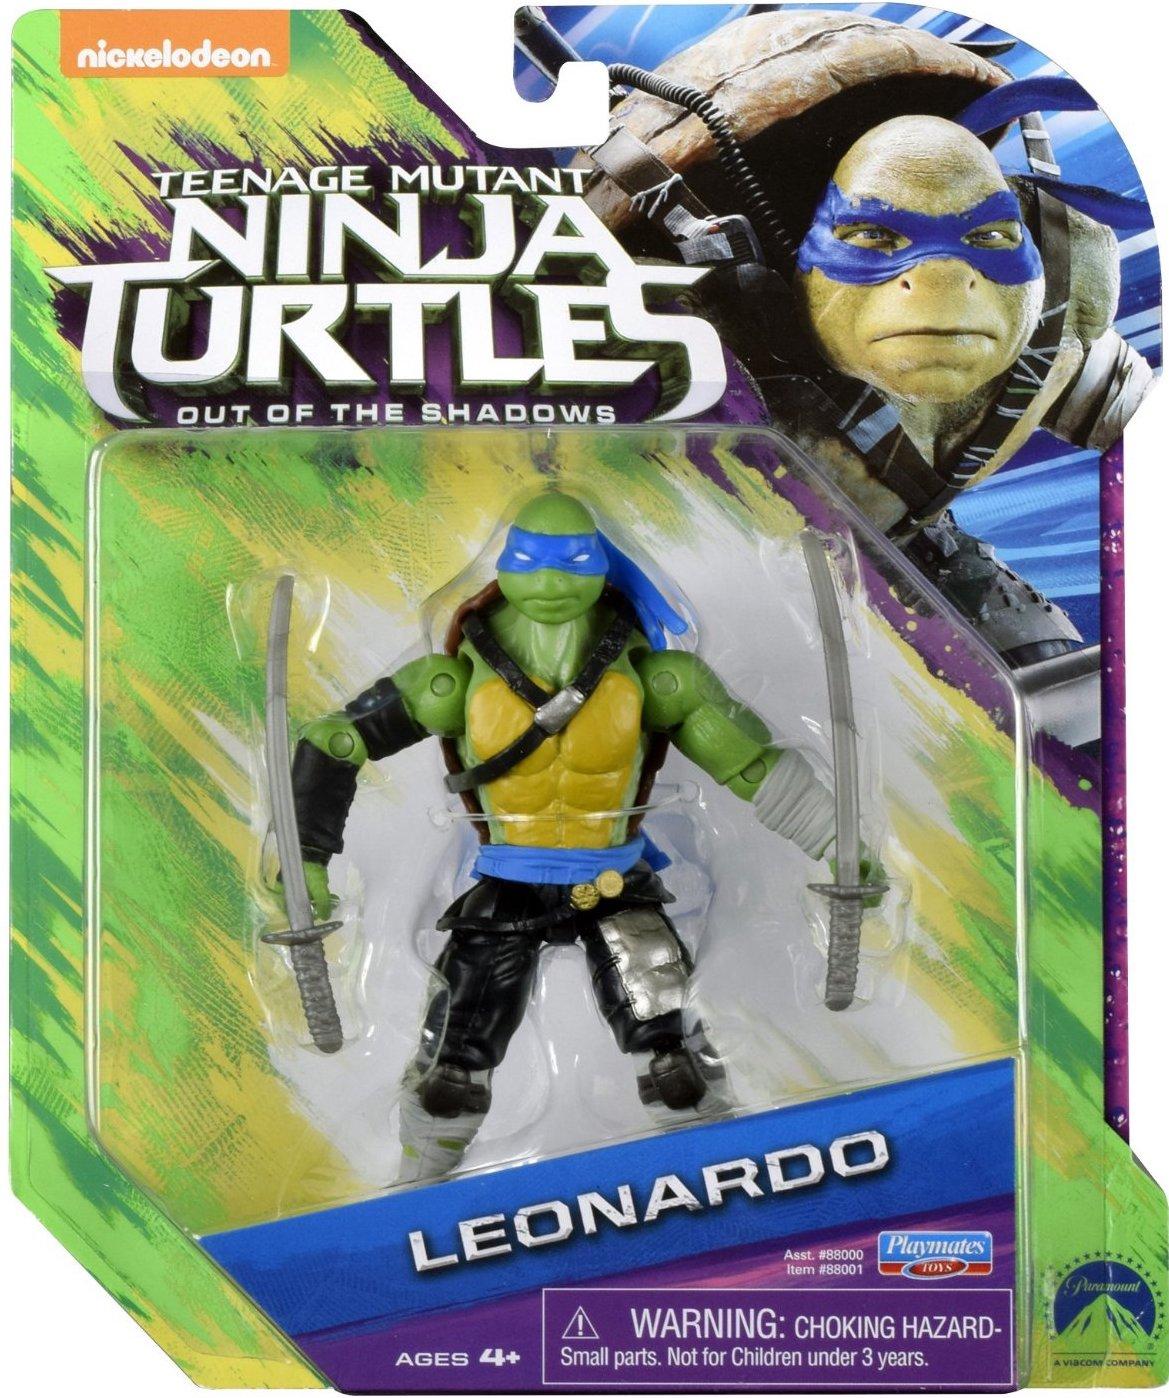 Leonardo (2016 action figure)